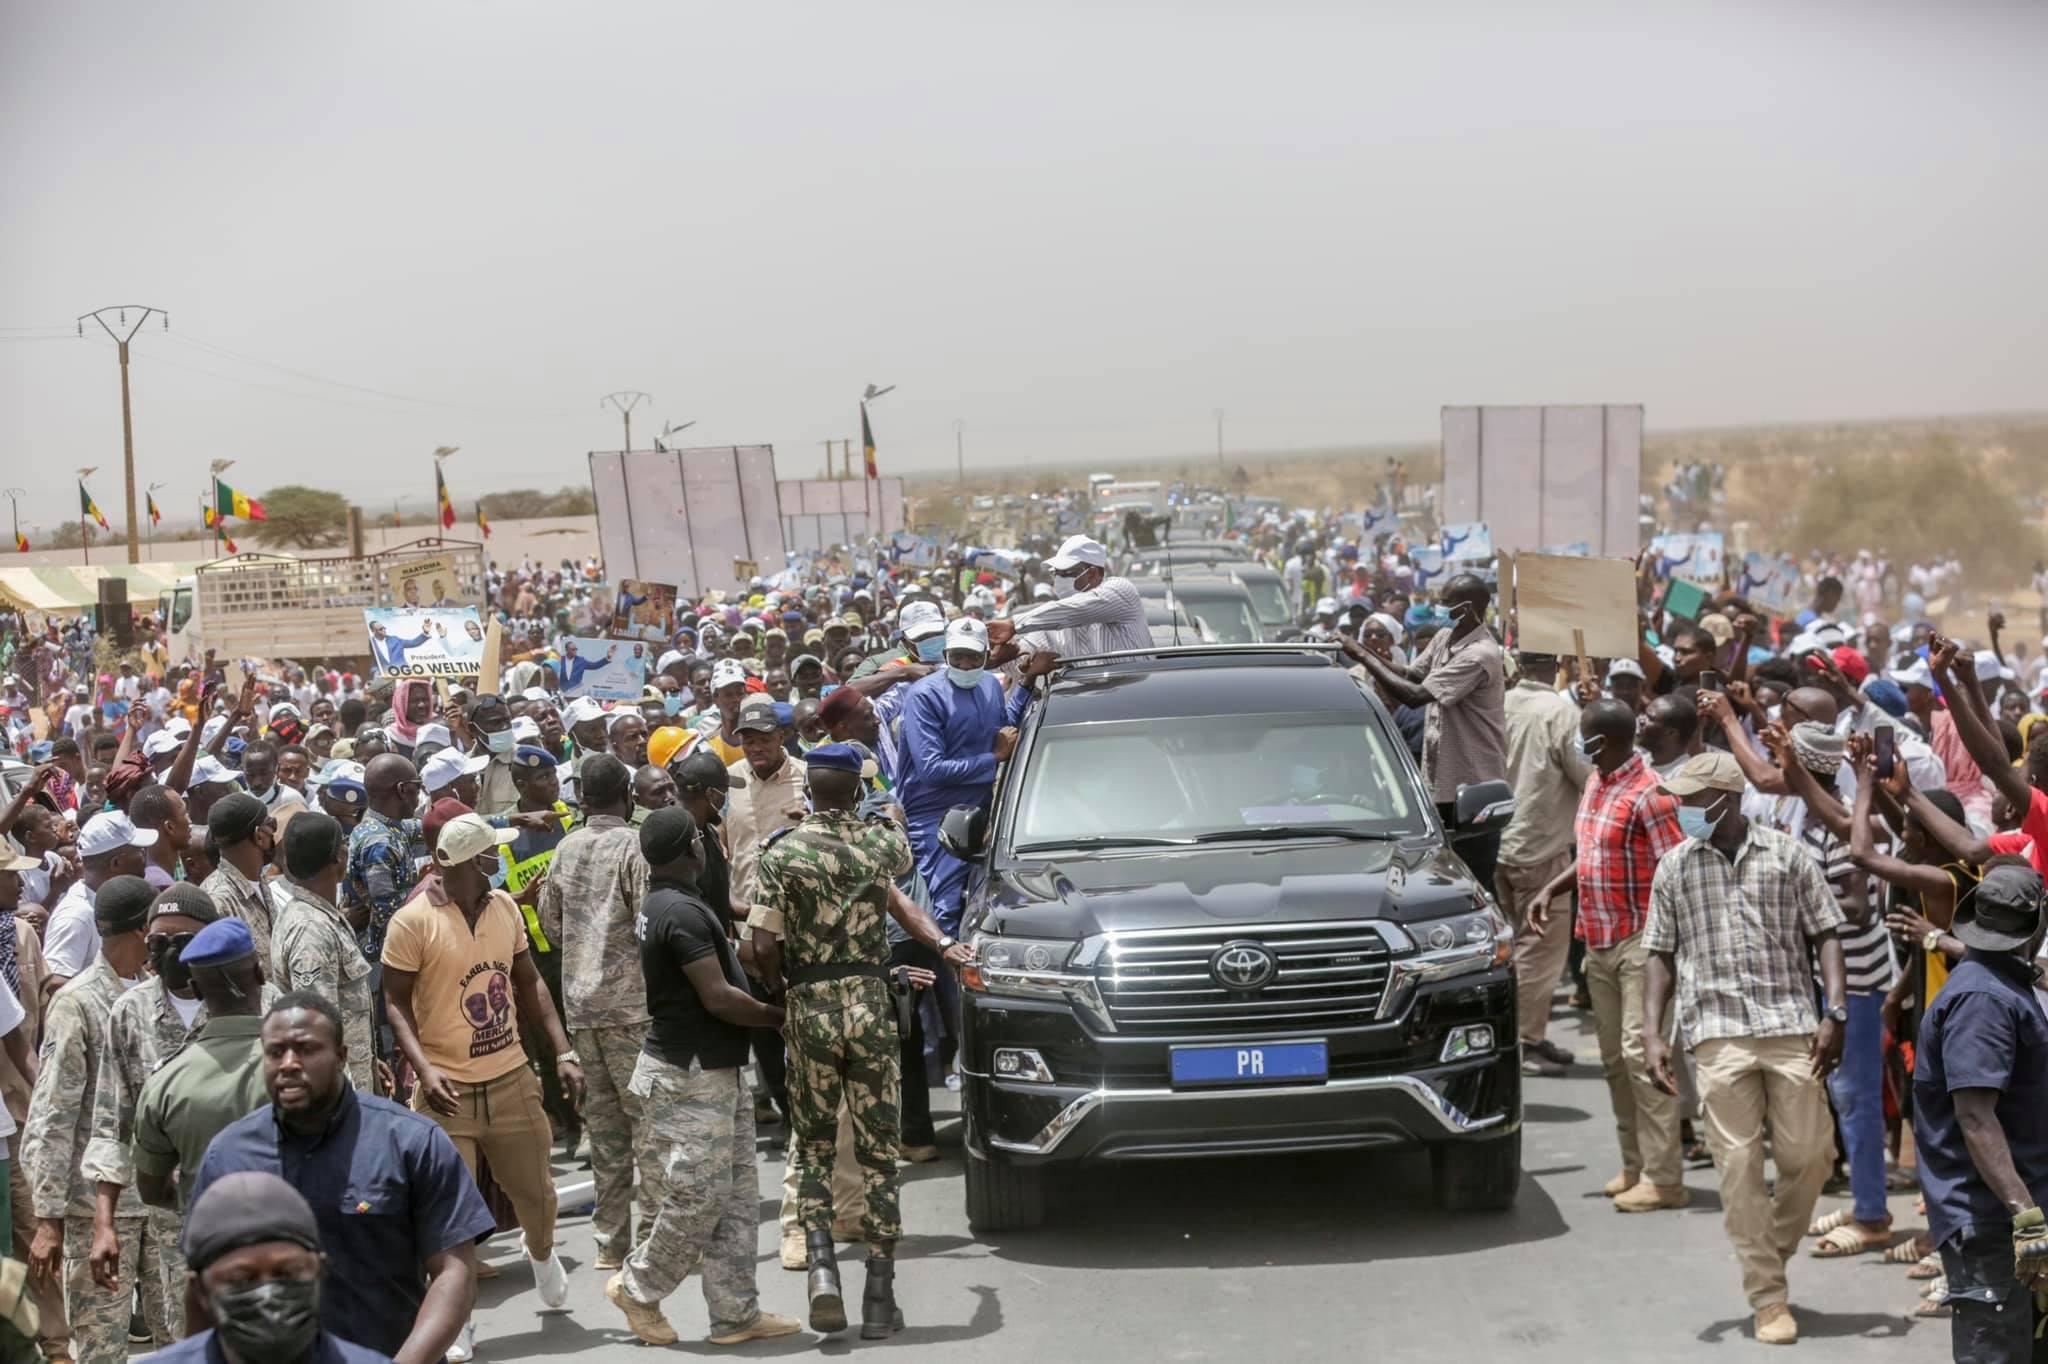 Arrêt sur image - Macky Sall invite le Dg de l'Artp, Abdoul Ly à le rejoindre sur son véhicule (1)